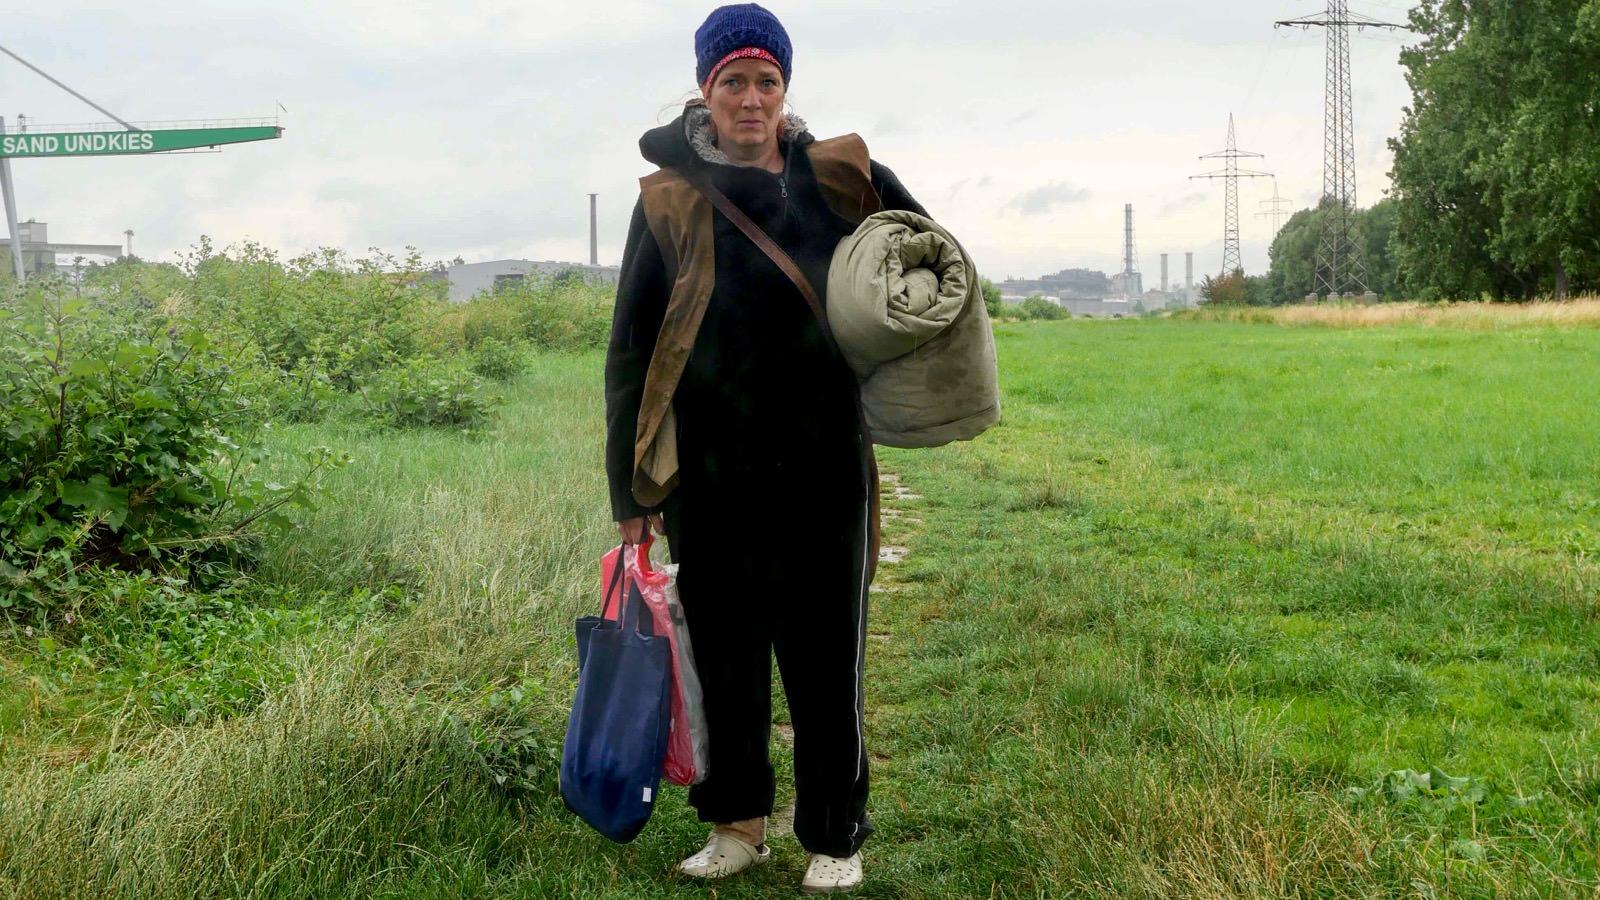 Schauspielerin Hedwig Franke nimmt die Zuschauer*innen mit in Brox' Lebenswelt   Foto: CaCm